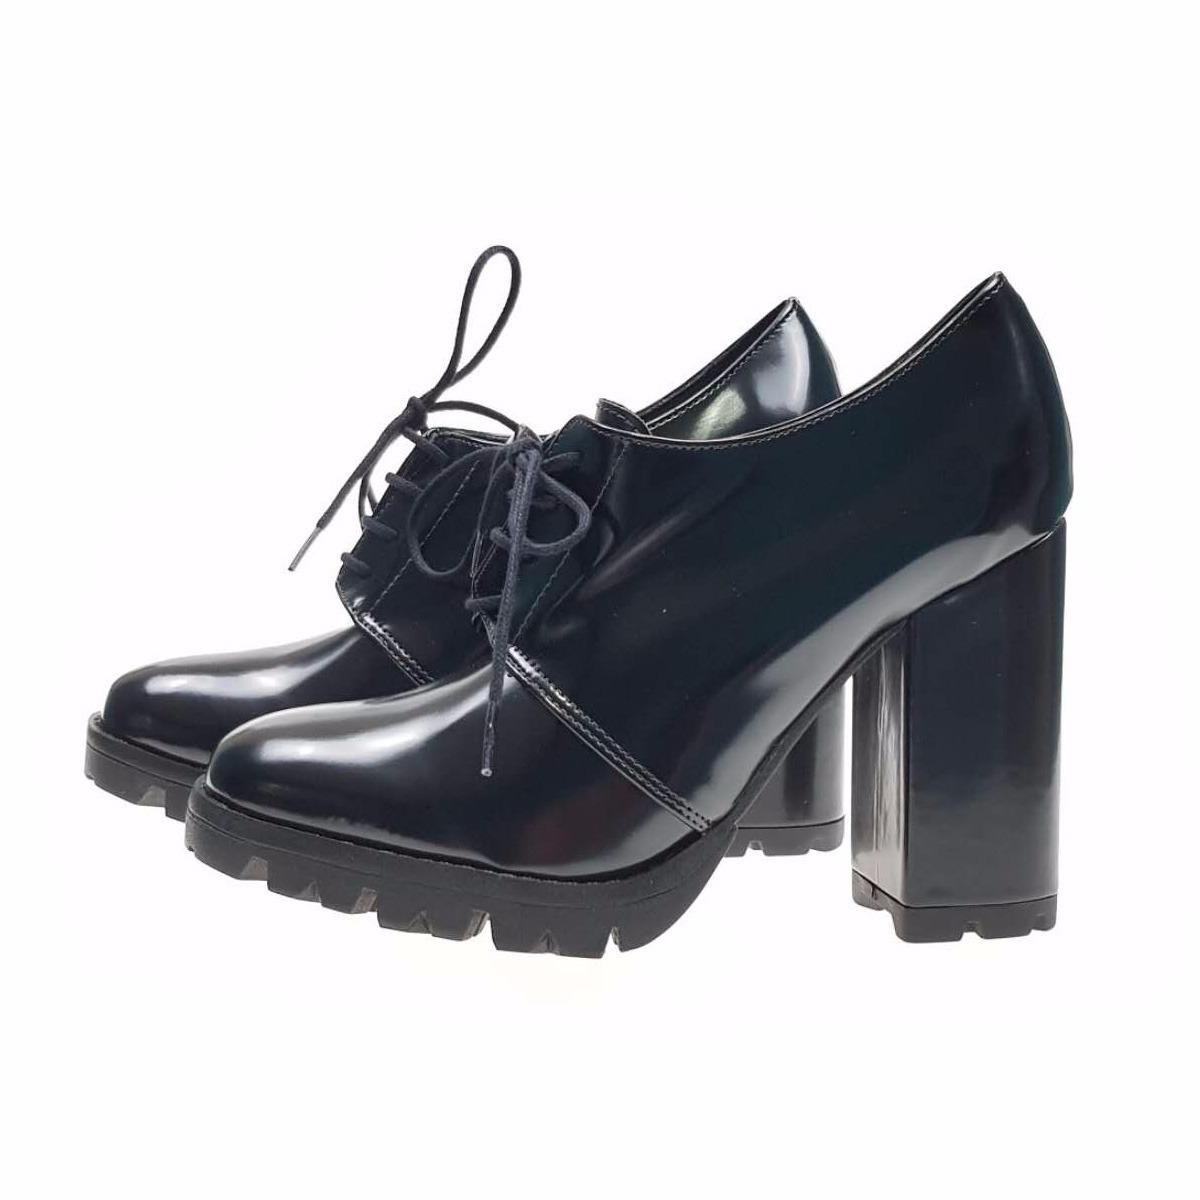 32d9f62a57 sapato feminino salto alto com cadarço verniz confortavel. Carregando zoom.